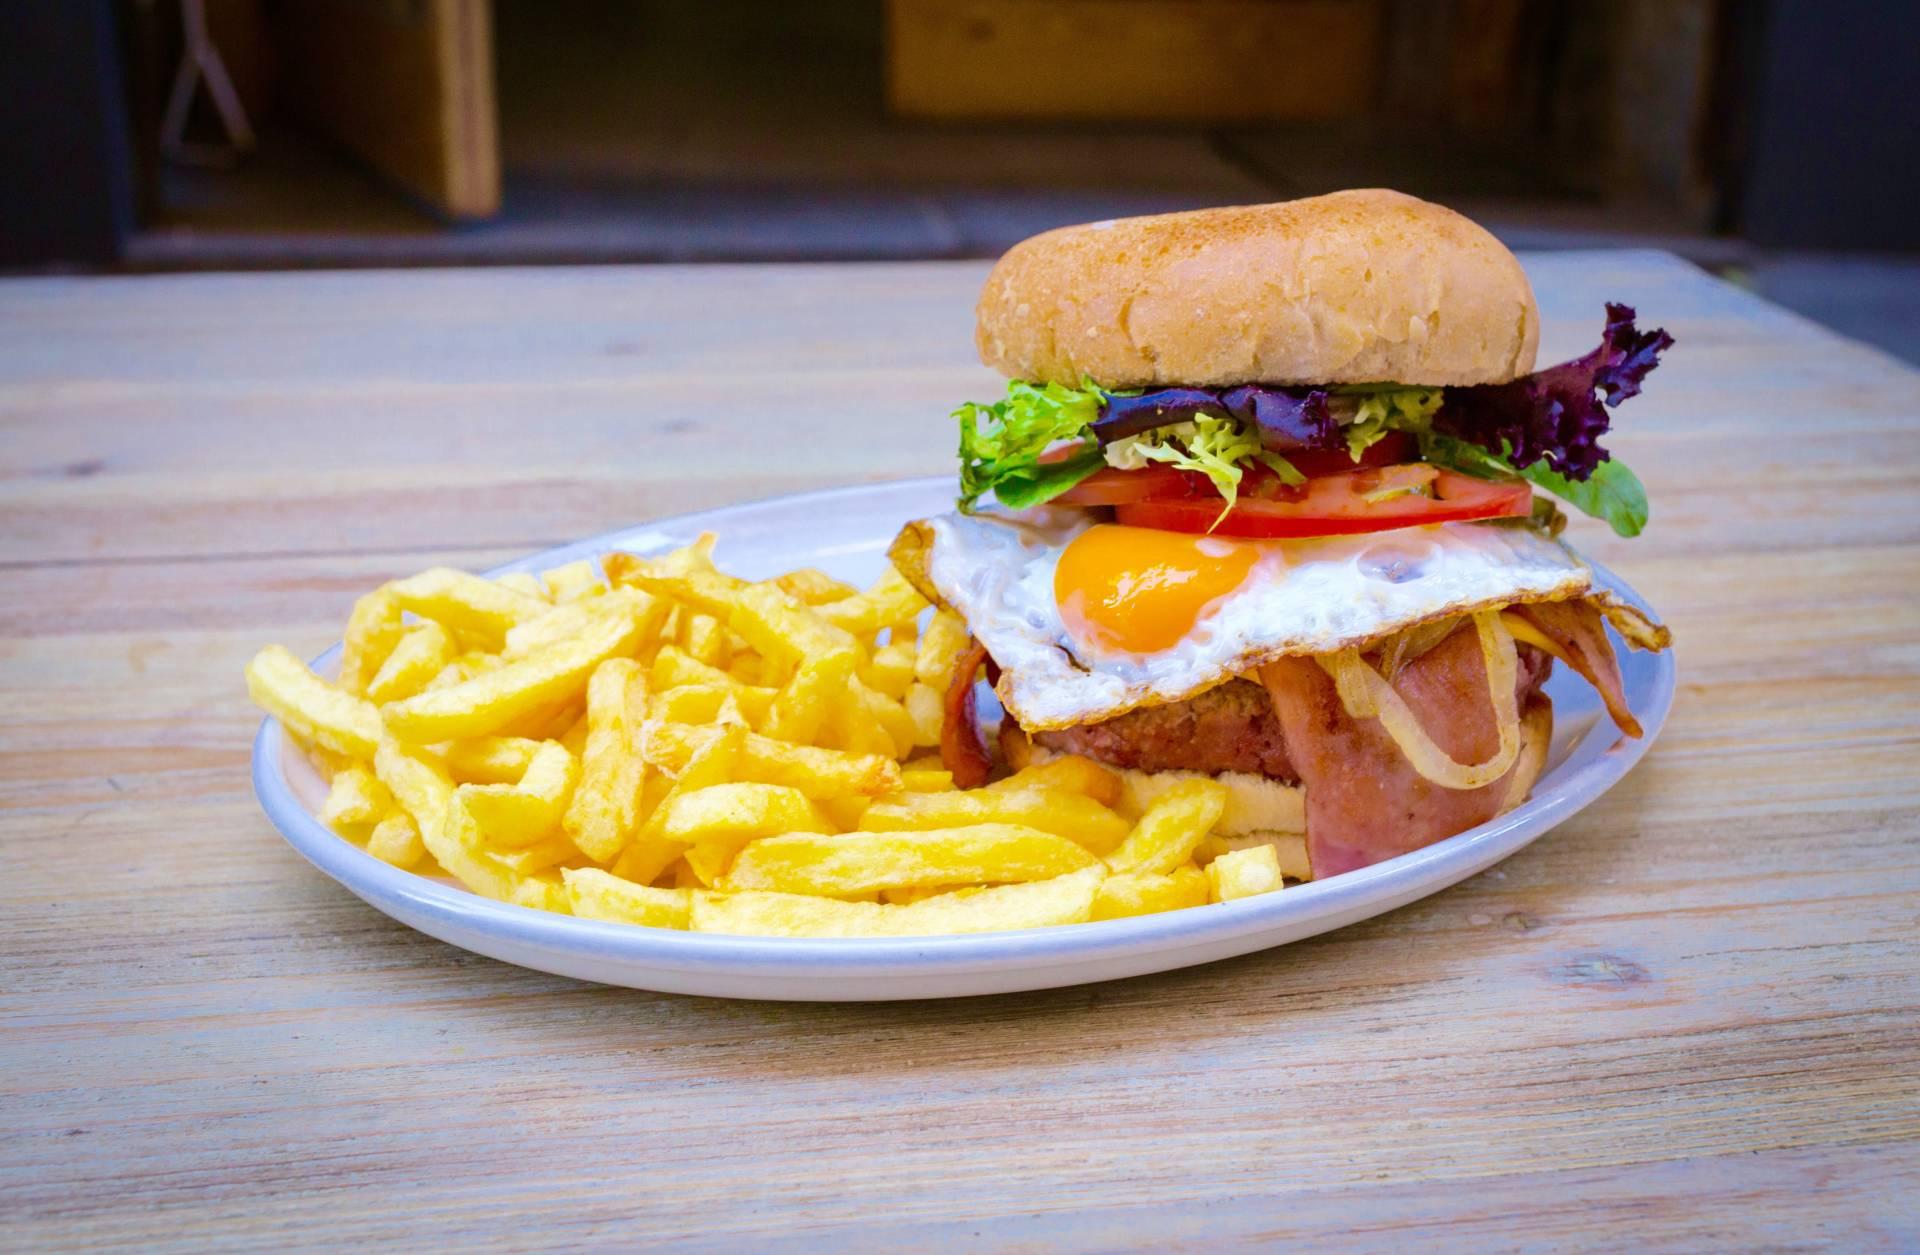 La hamburguesa 'True Detective' de Alta Burguesía.